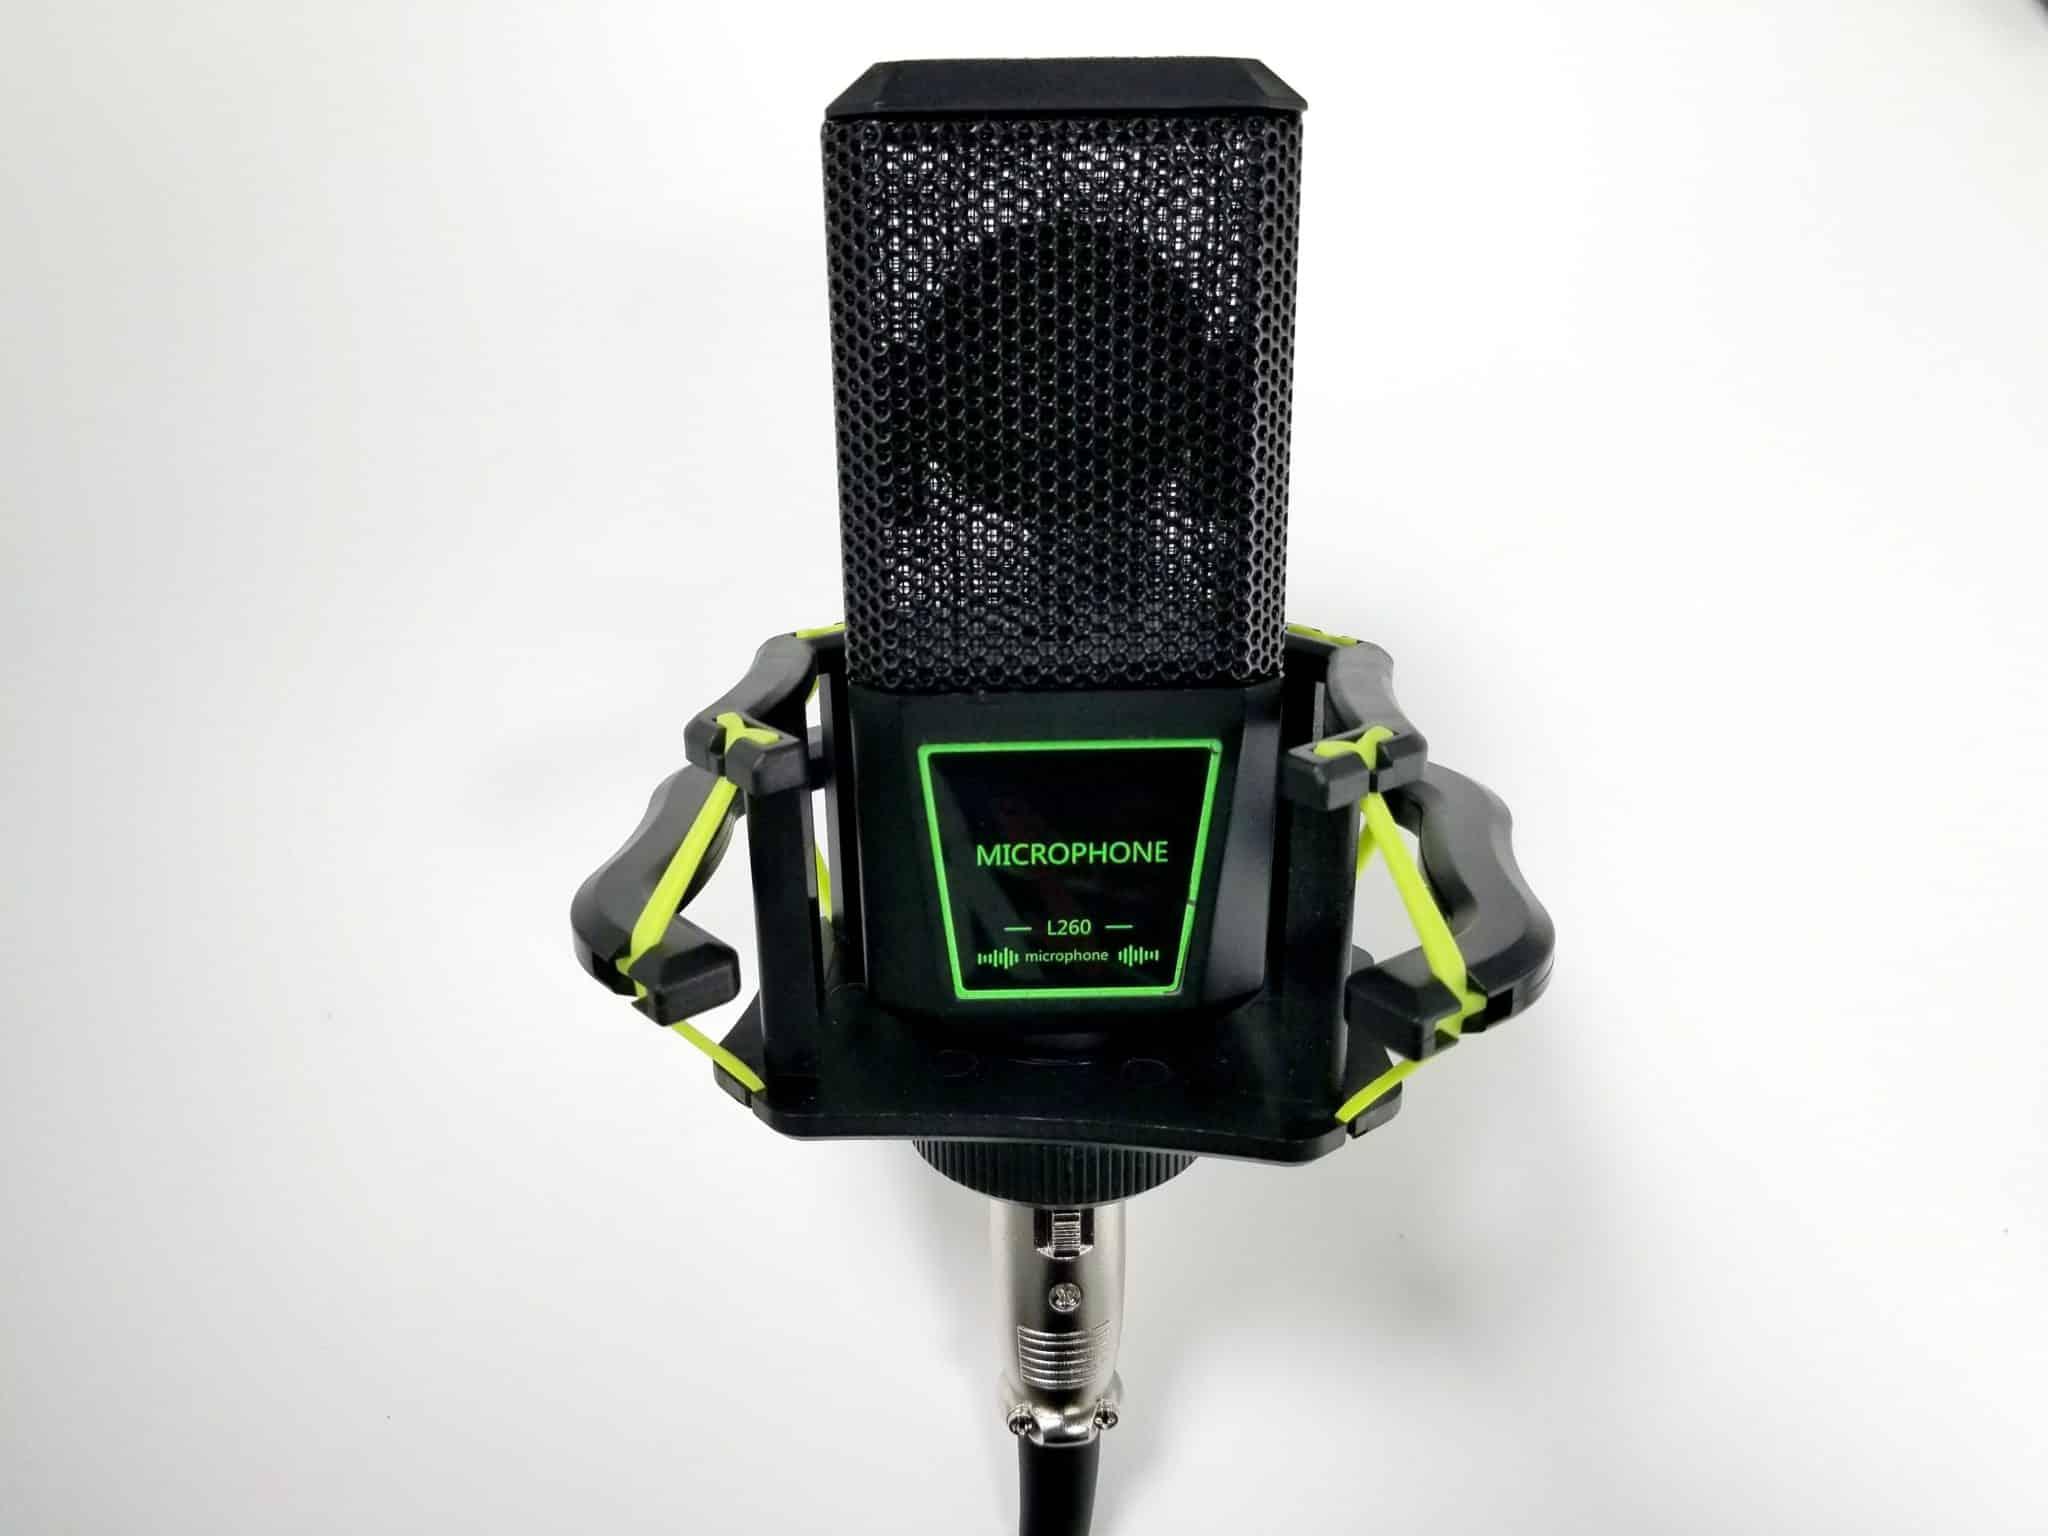 Vidlok Microphone